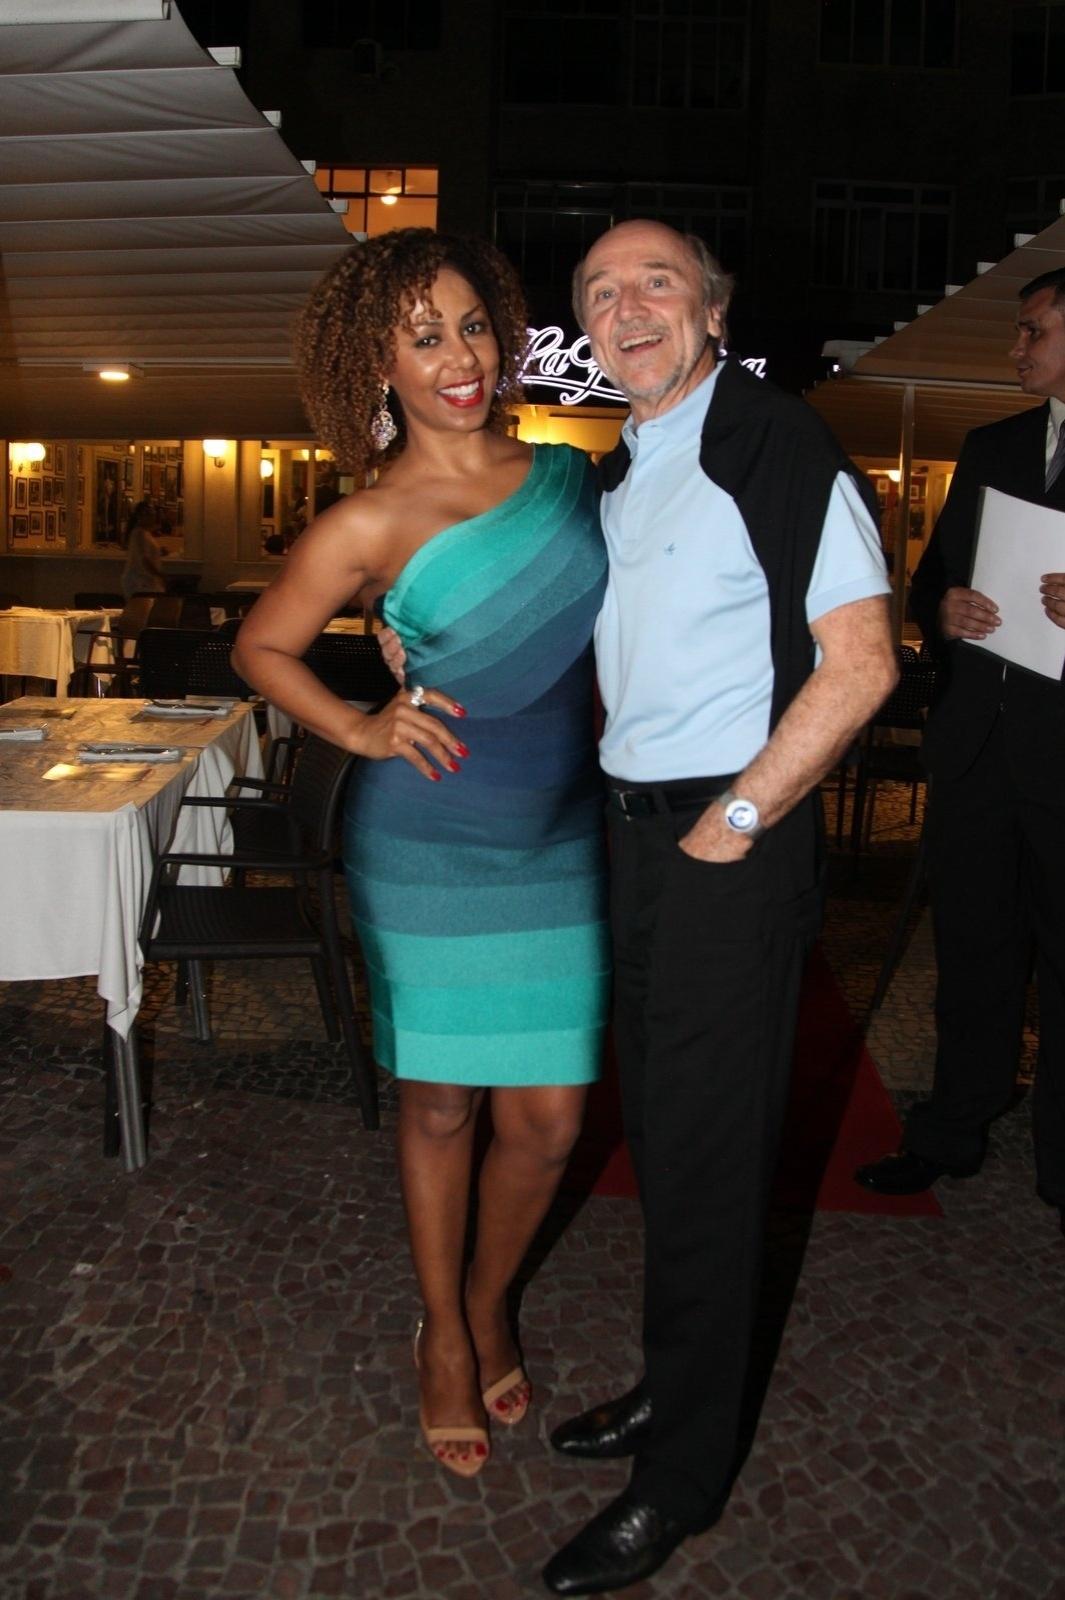 8.dez.2014 - Valéria Valenssa e o marido, Hans Donner, na comemoração de 79 anos de Boni que reuniu vários famosos em um restaurante em Copacabana, na zona sul do Rio de Janeiro, nesta segunda-feira